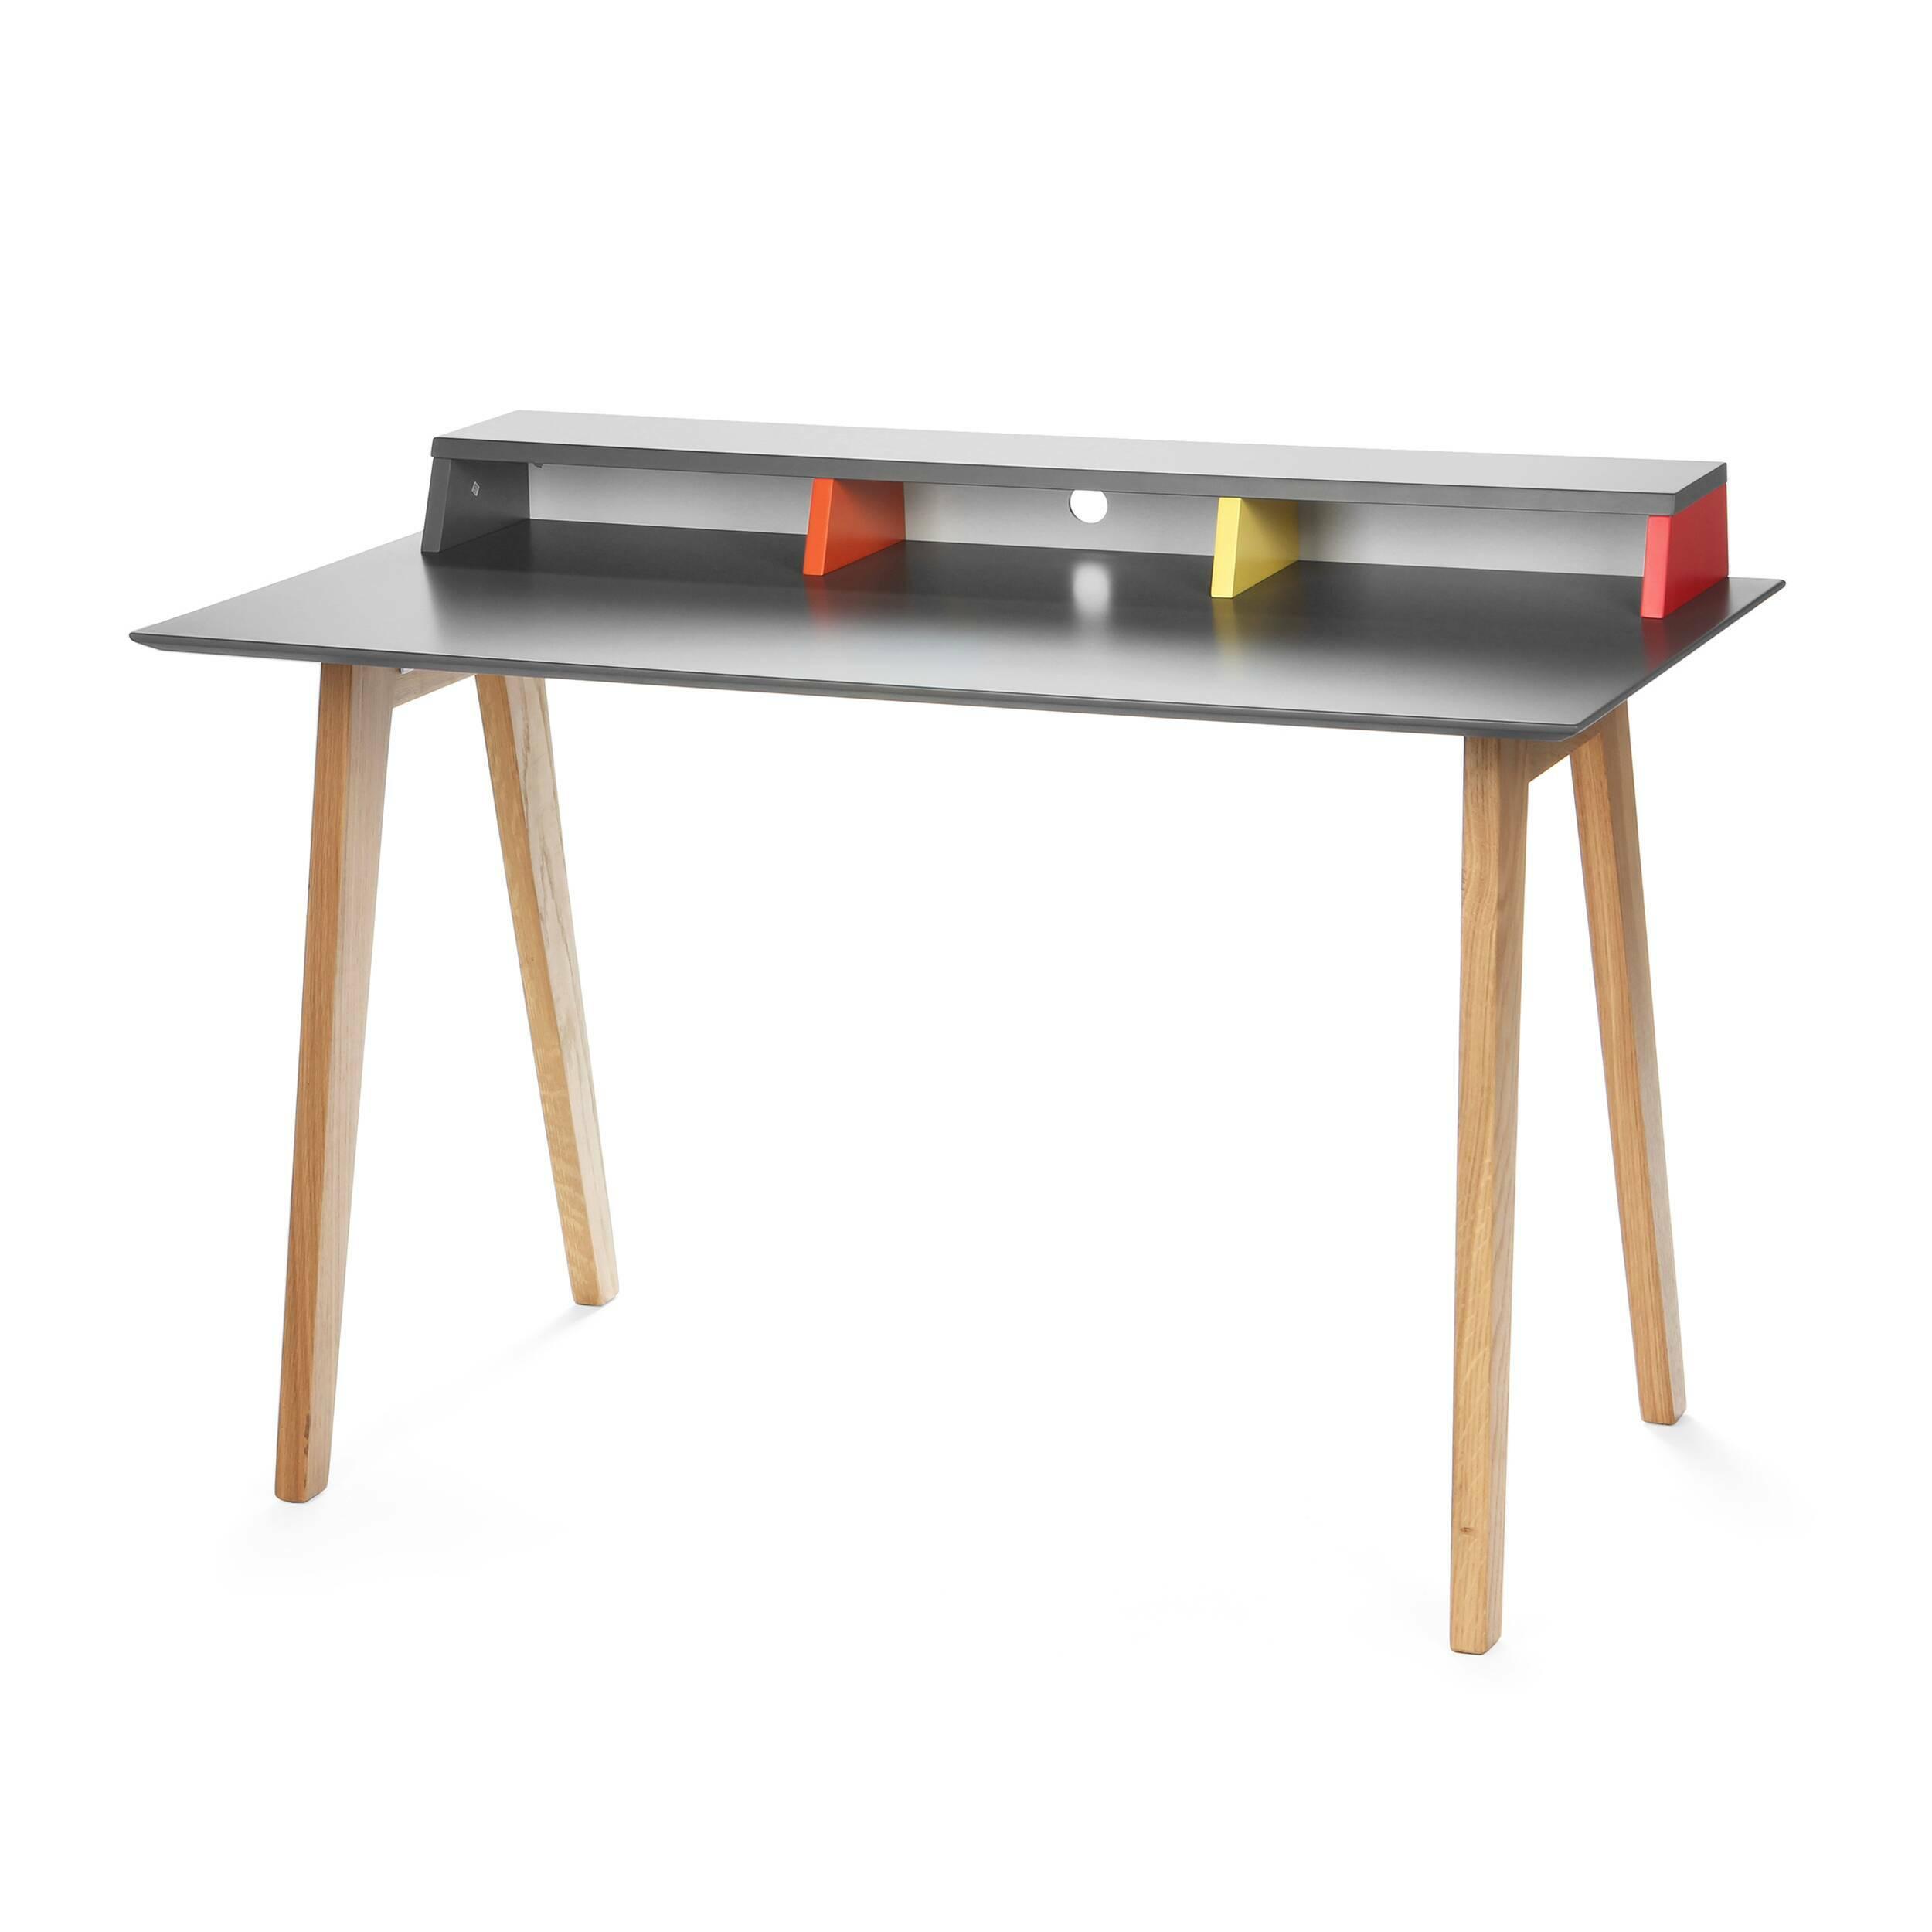 Письменный стол AstonРабочие столы<br>Дизайнерский письменный стол Aston (Эстон) со столешницей из МДФ на свтело-коричневых ножках от Cosmo (Космо).Скандинавский интерьер — практичный, в нем много света и свободного пространства. Мебель в светлых тонах как раз то, что является постоянной составляющей интерьеров в скандинавском стиле. Не менее важно, чтобы она изготавливалась из натуральных материалов. Как бы люди не увлекались созданием новых синтетических изделий, наиболее уютно им среди природы и натуральных материалов. Эйфория...<br><br>stock: 0<br>Высота: 76<br>Ширина: 60<br>Длина: 120<br>Цвет ножек: Светло-коричневый<br>Цвет столешницы: Холодный серый<br>Материал ножек: Массив дуба<br>Тип материала столешницы: МДФ<br>Тип материала ножек: Дерево